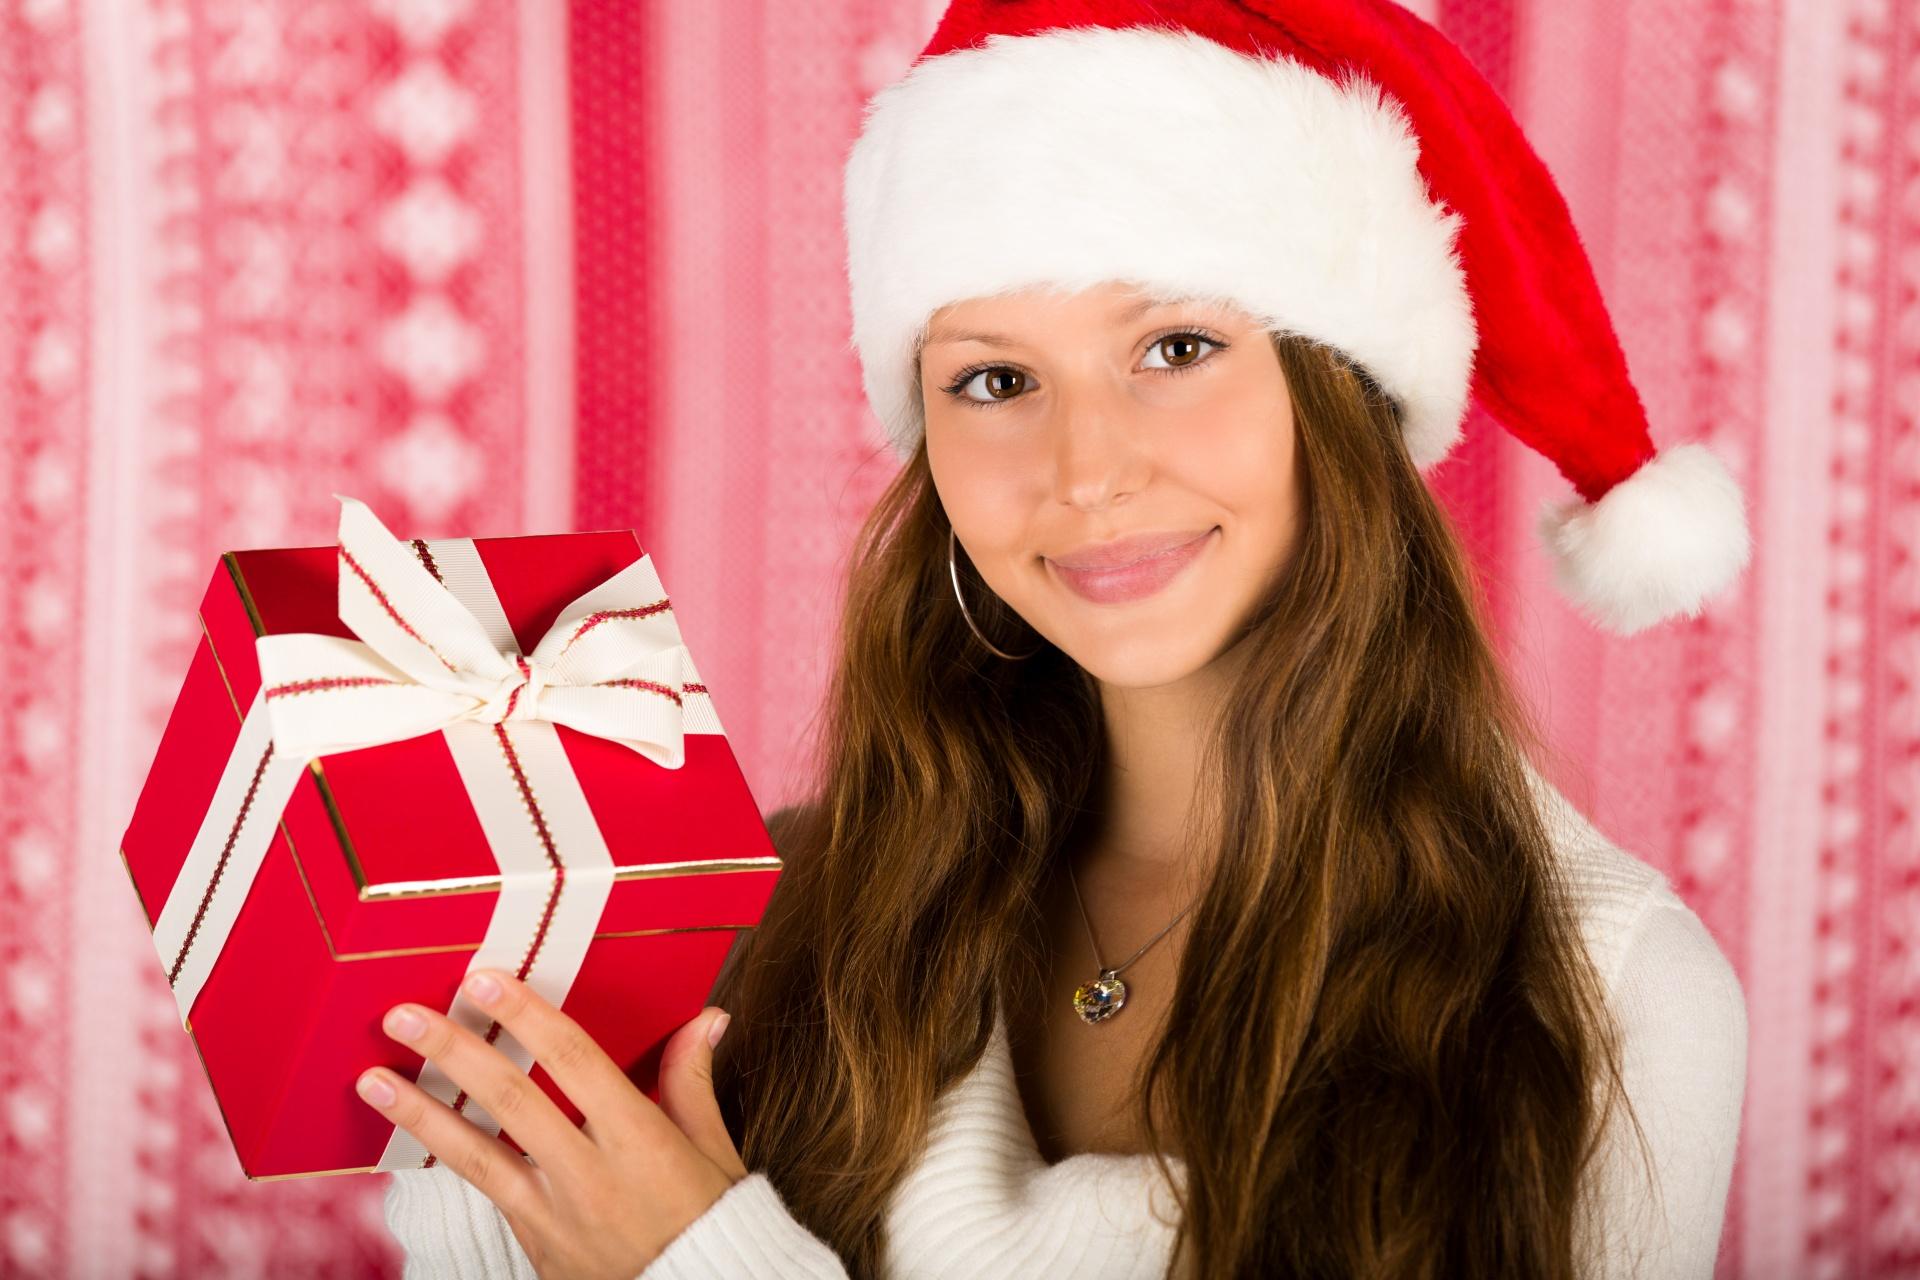 クリスマスに何が欲しい?気を付けたいNG回答をご紹介